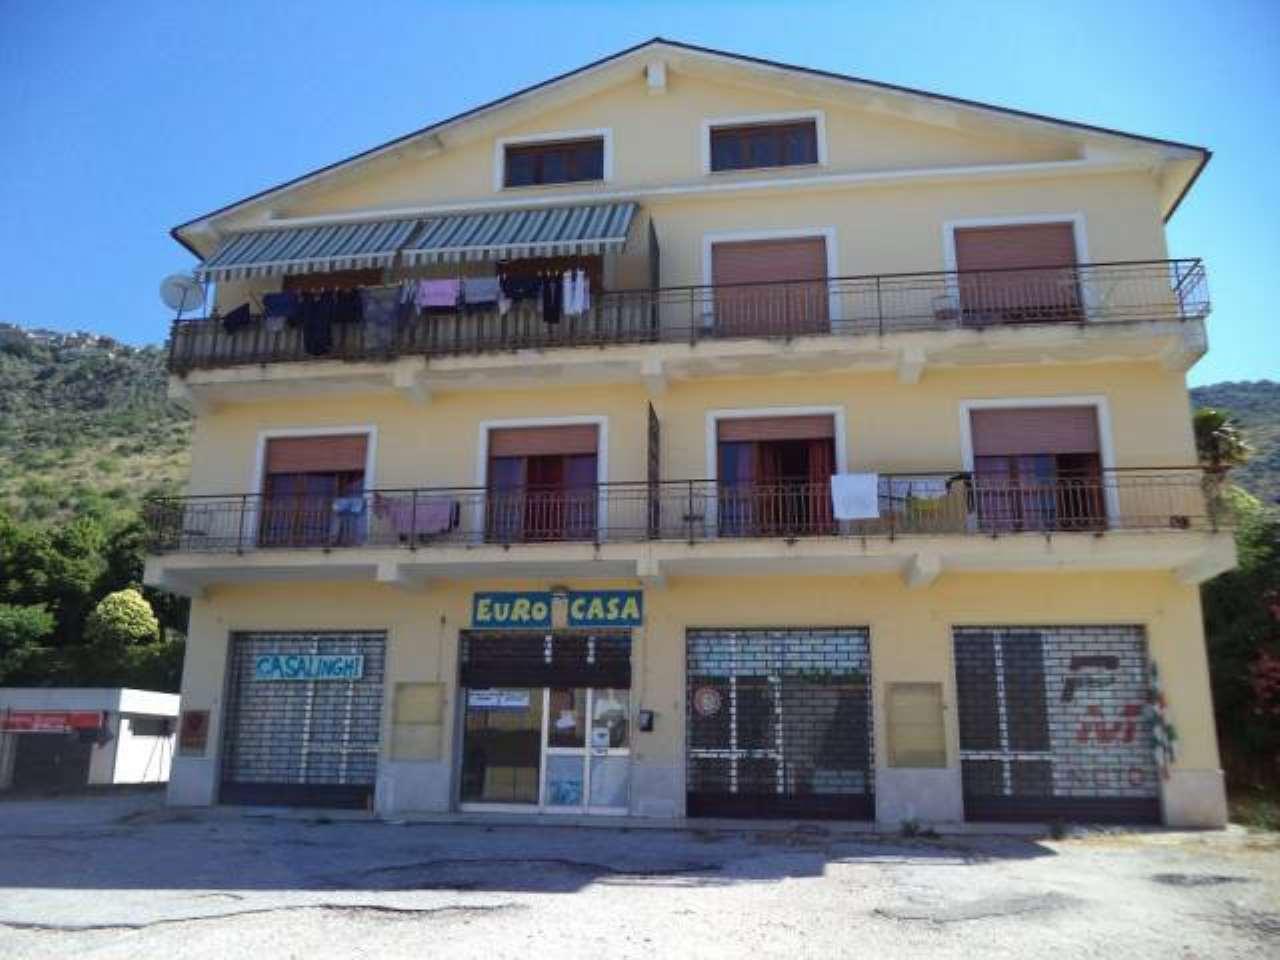 Negozio / Locale in vendita a Arce, 9999 locali, prezzo € 425.000 | CambioCasa.it